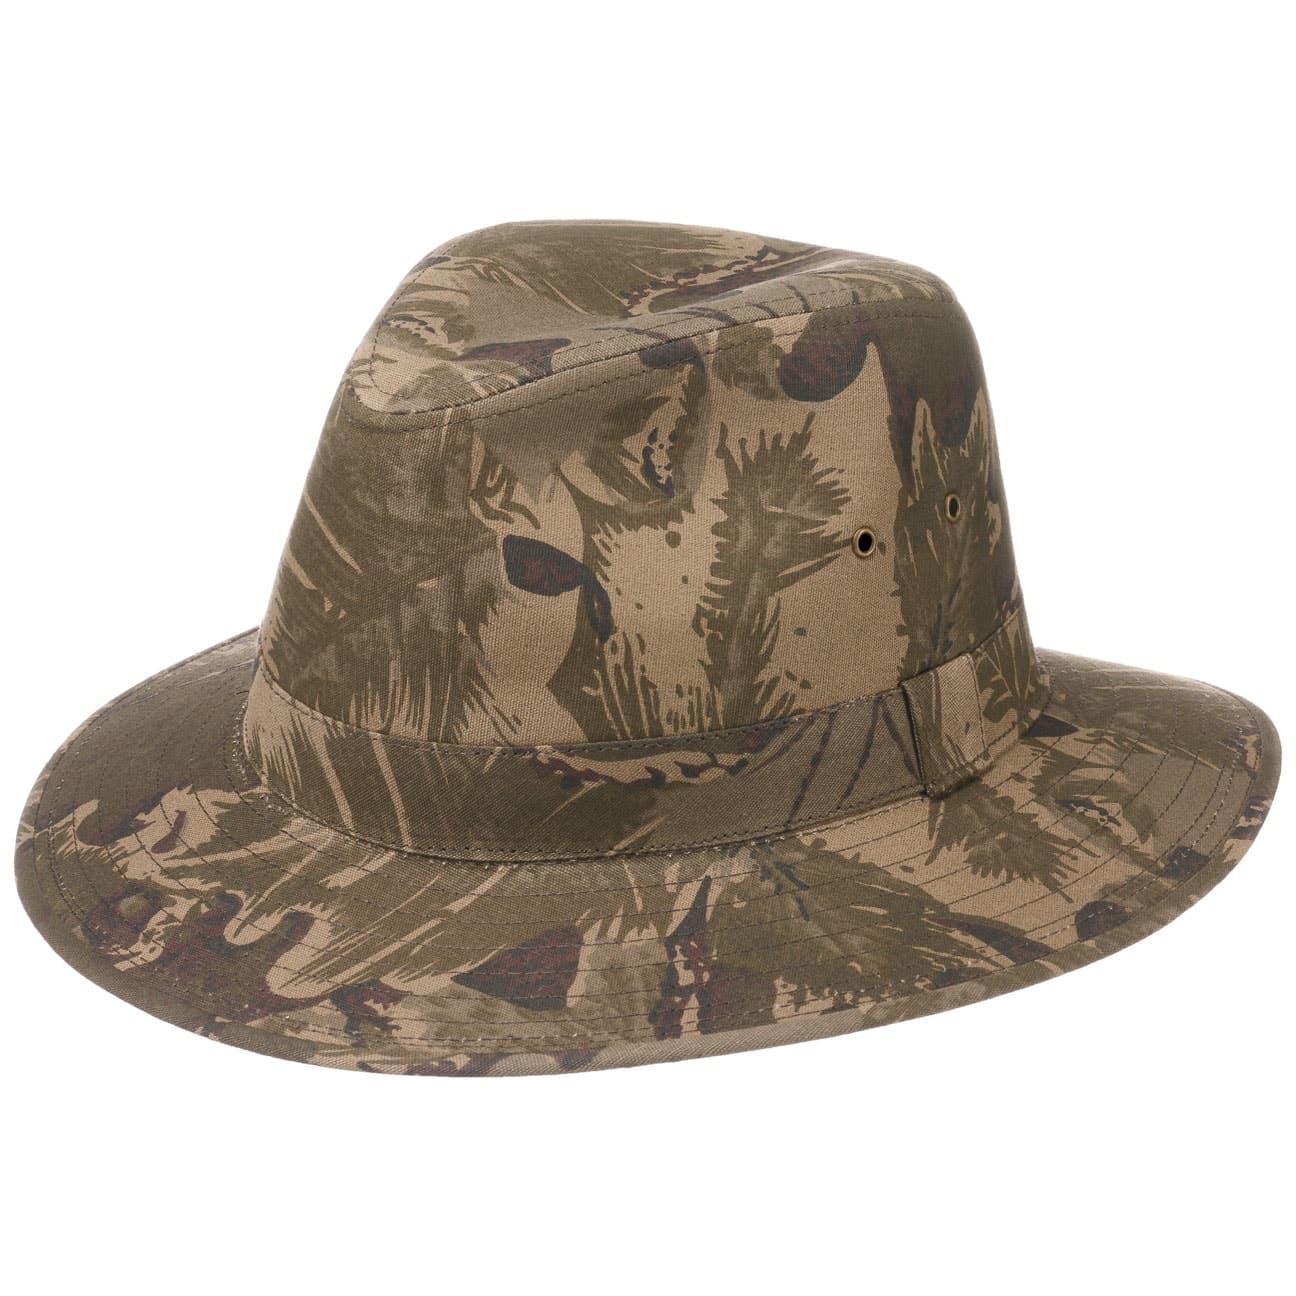 Chapeau Forest Camouflage by Lipodo  chapeau en tissu